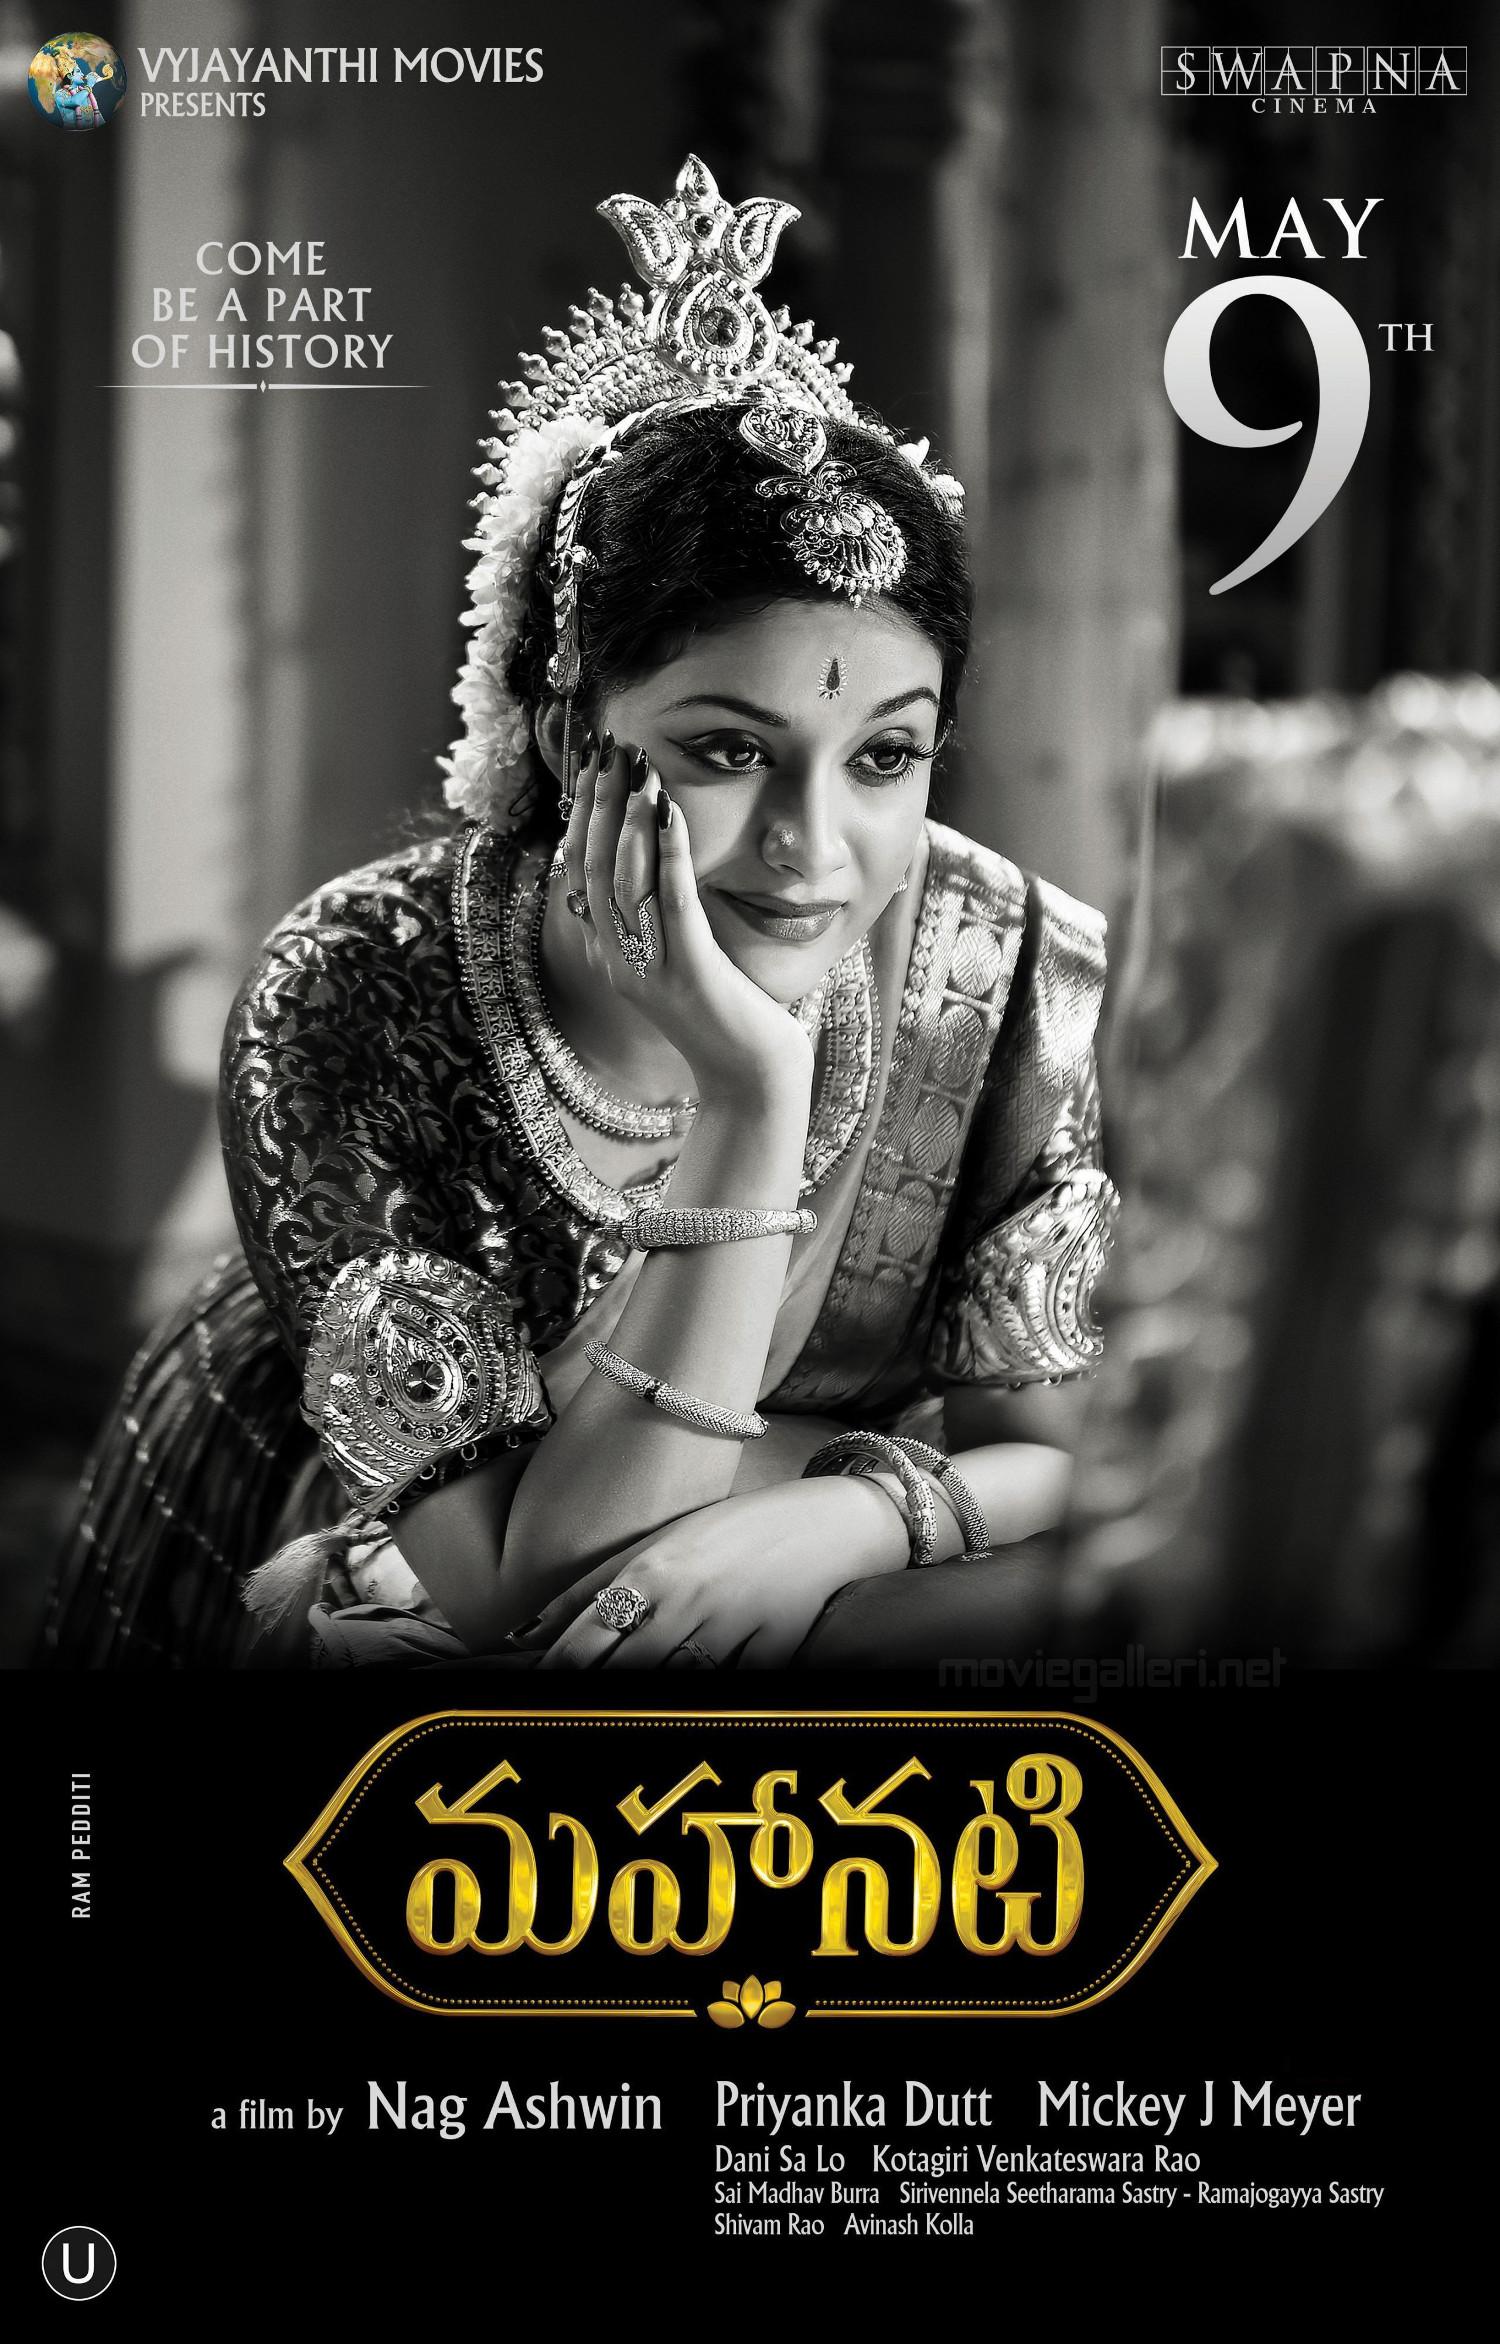 Actress Keerthy Suresh Mayabazzar Look from Mahanati Movie New Poster HD